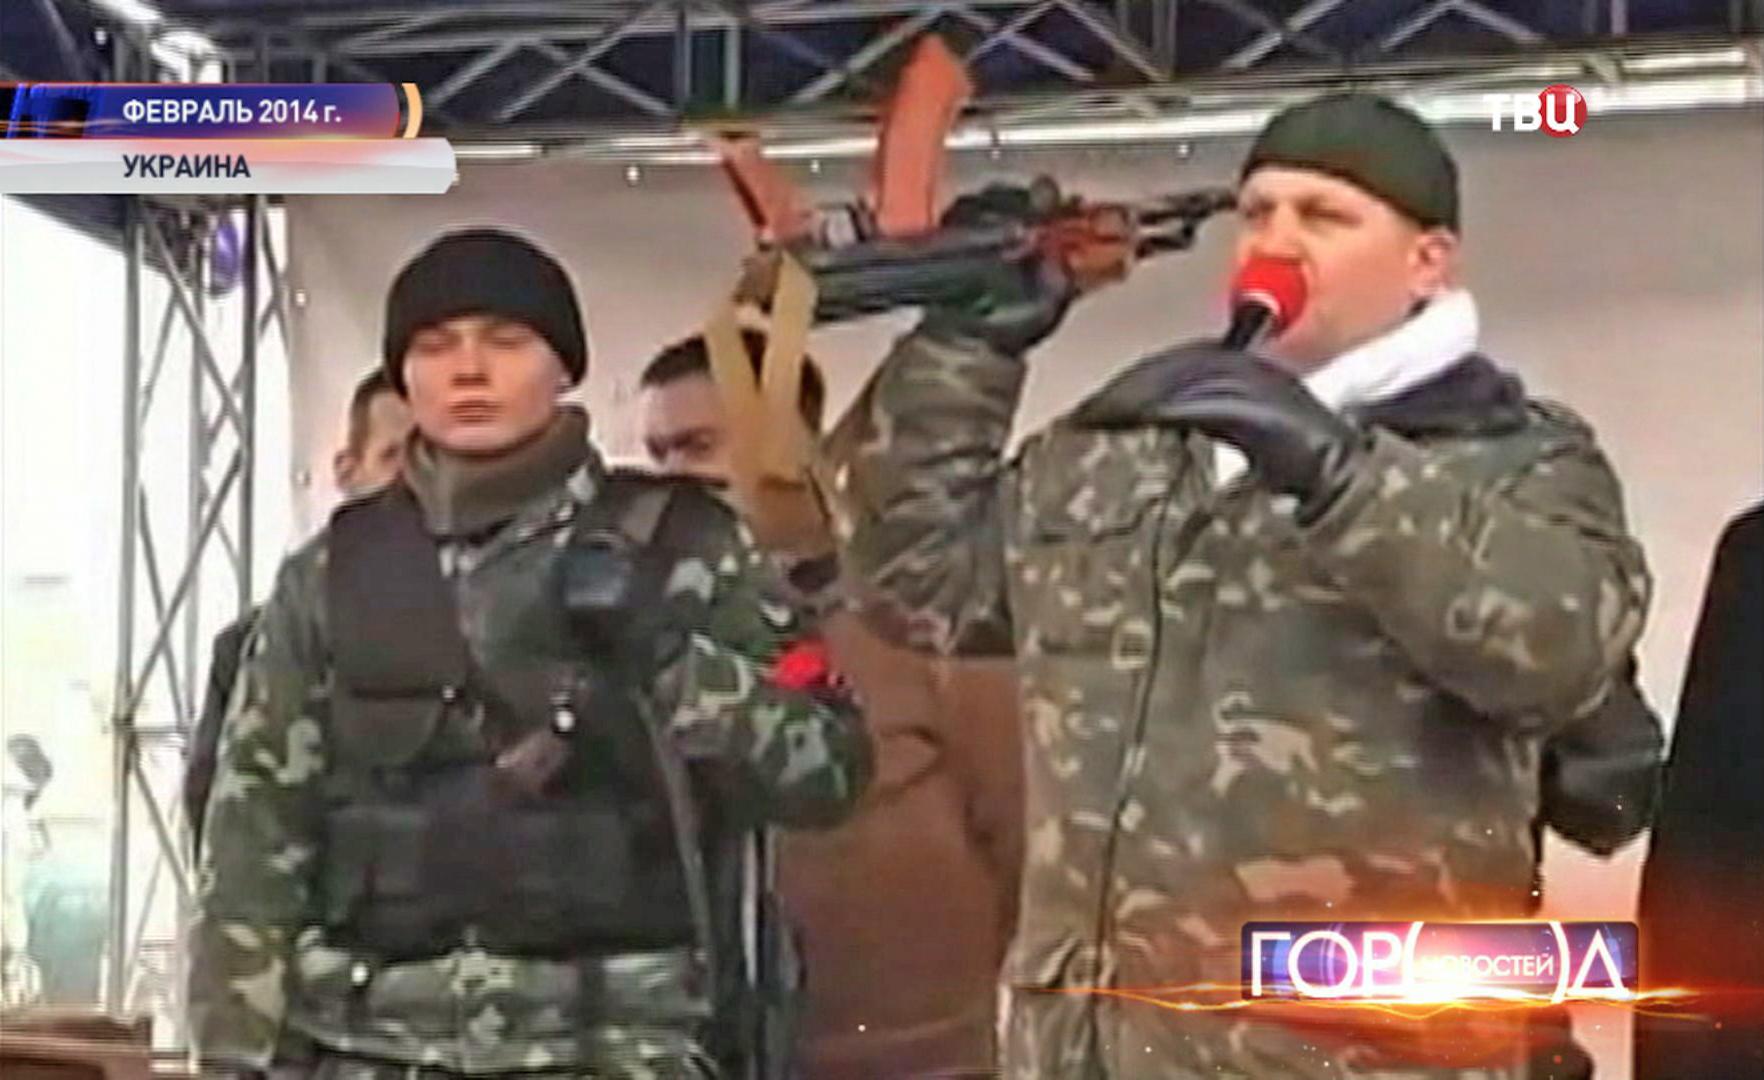 """Активист """"Правого сектора"""" Александр Музычко на митинге"""